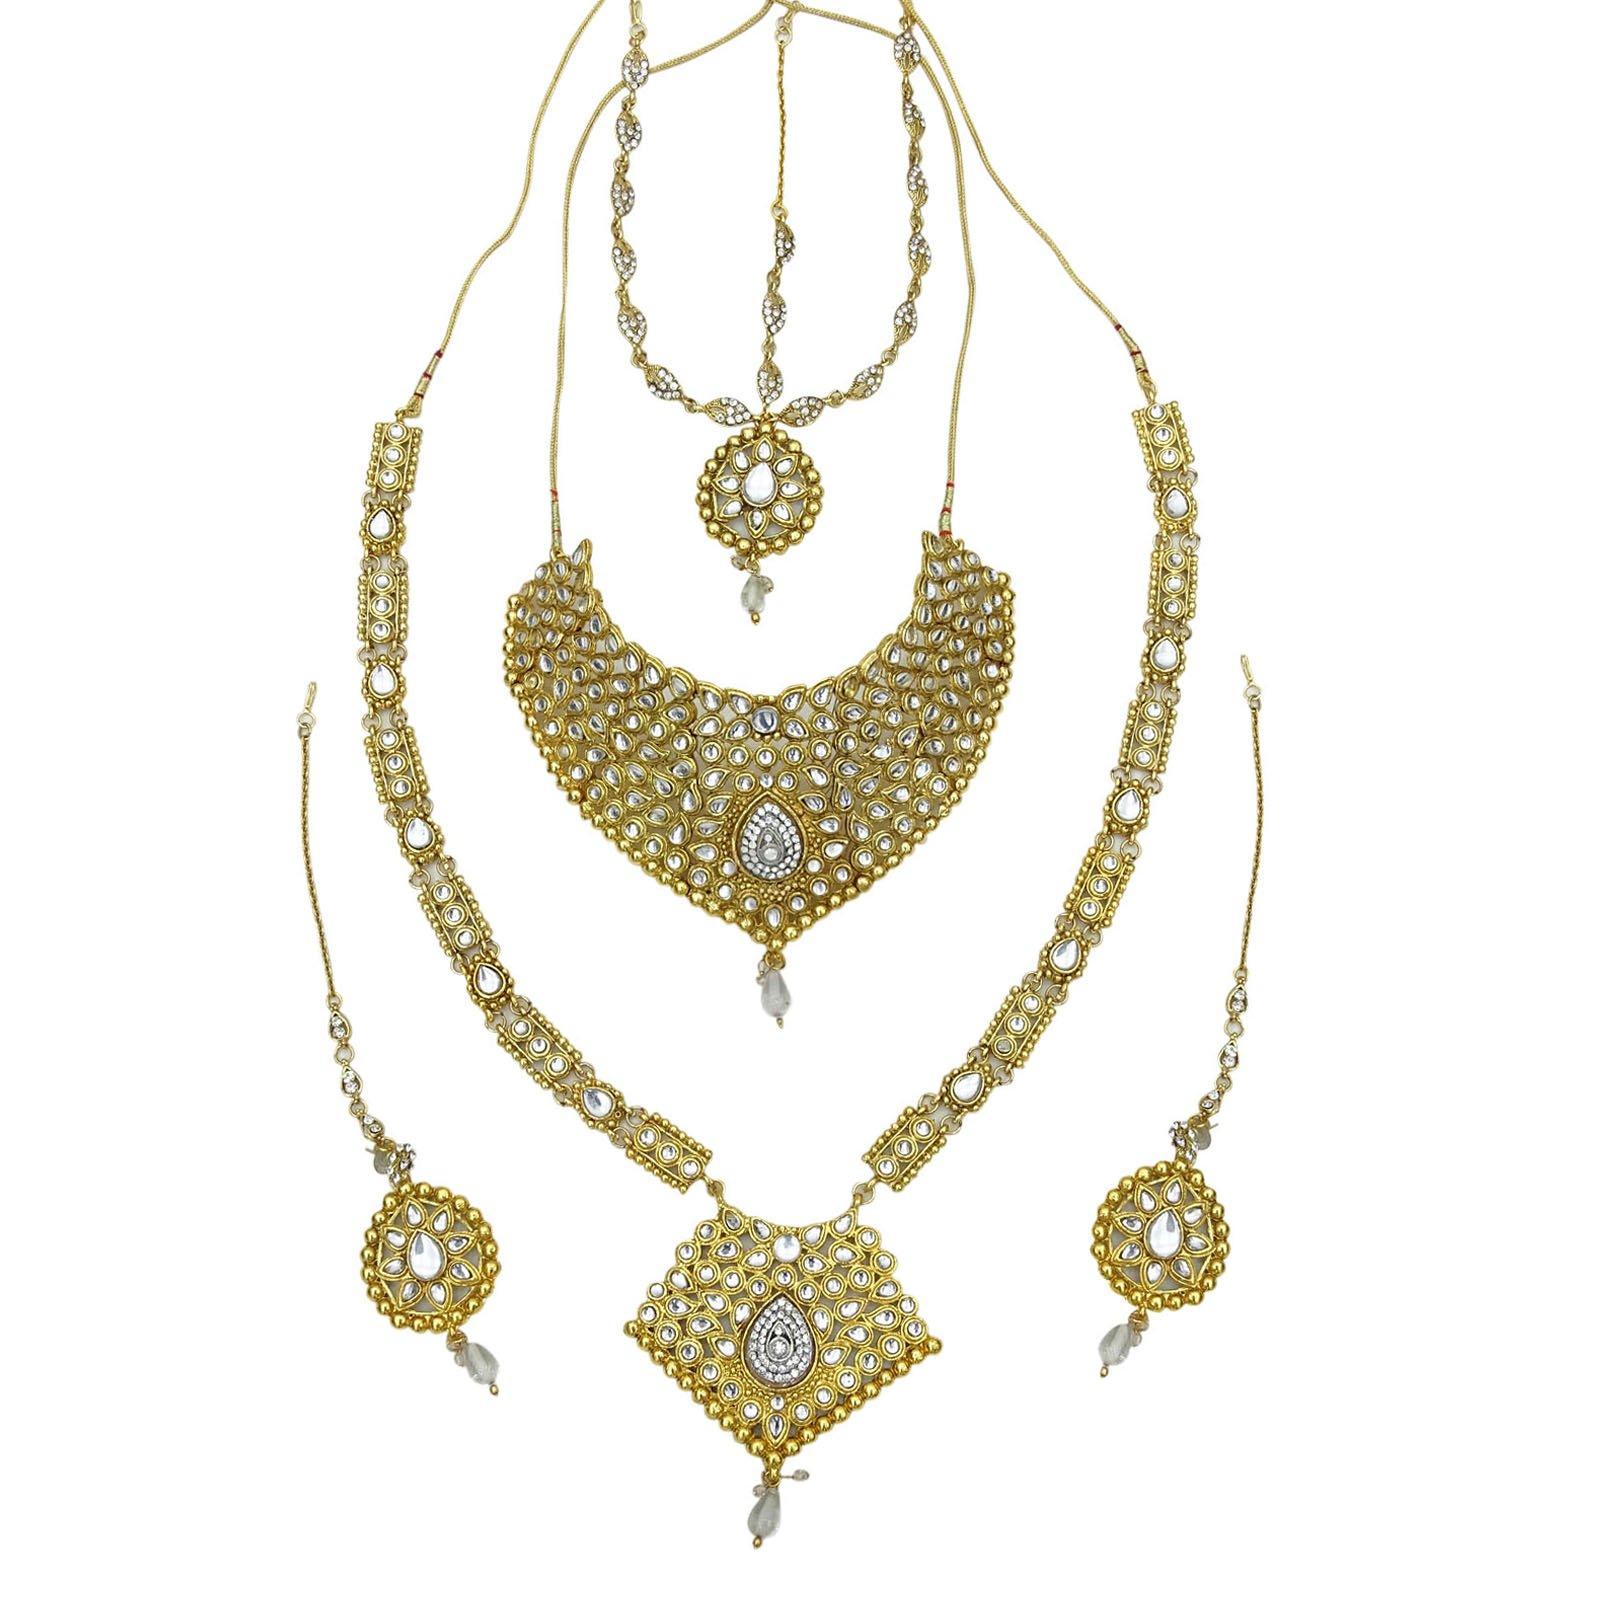 Banithani Traditional Designer Goldtone Bridal Necklace Set Wedding Jewelry Gift For Women